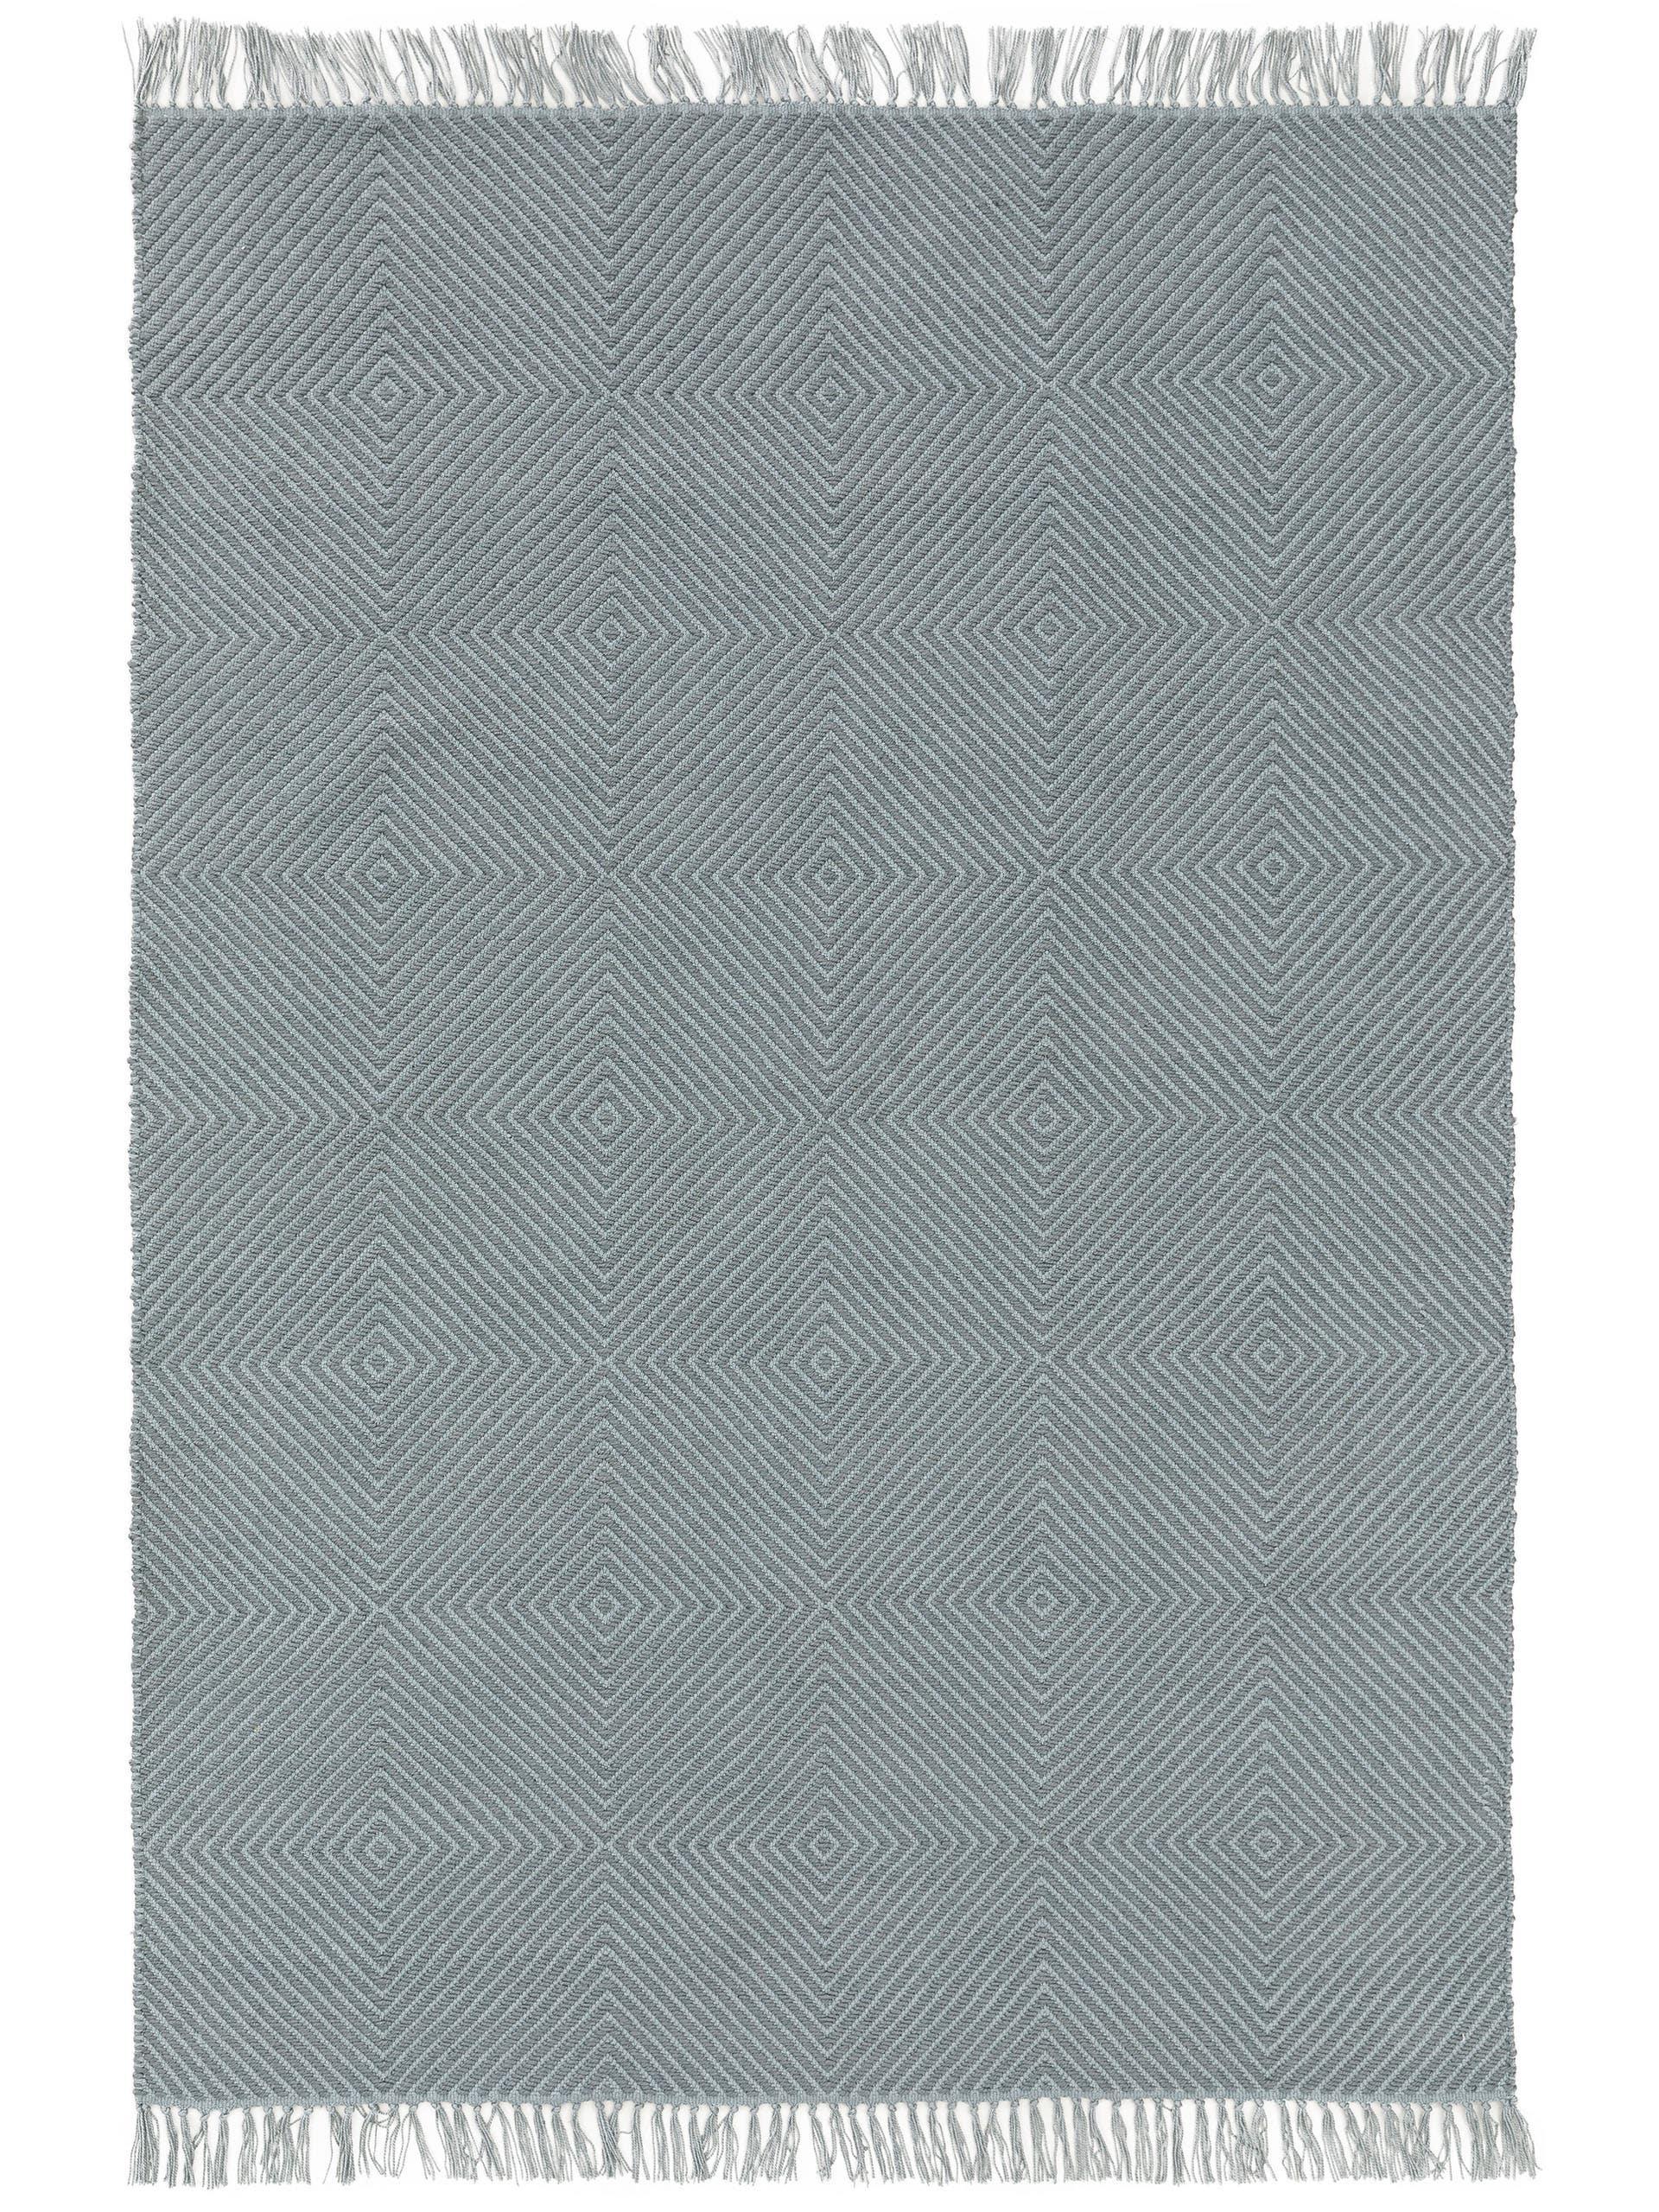 Tapis d'extérieur & intérieur bleu clair 200x300